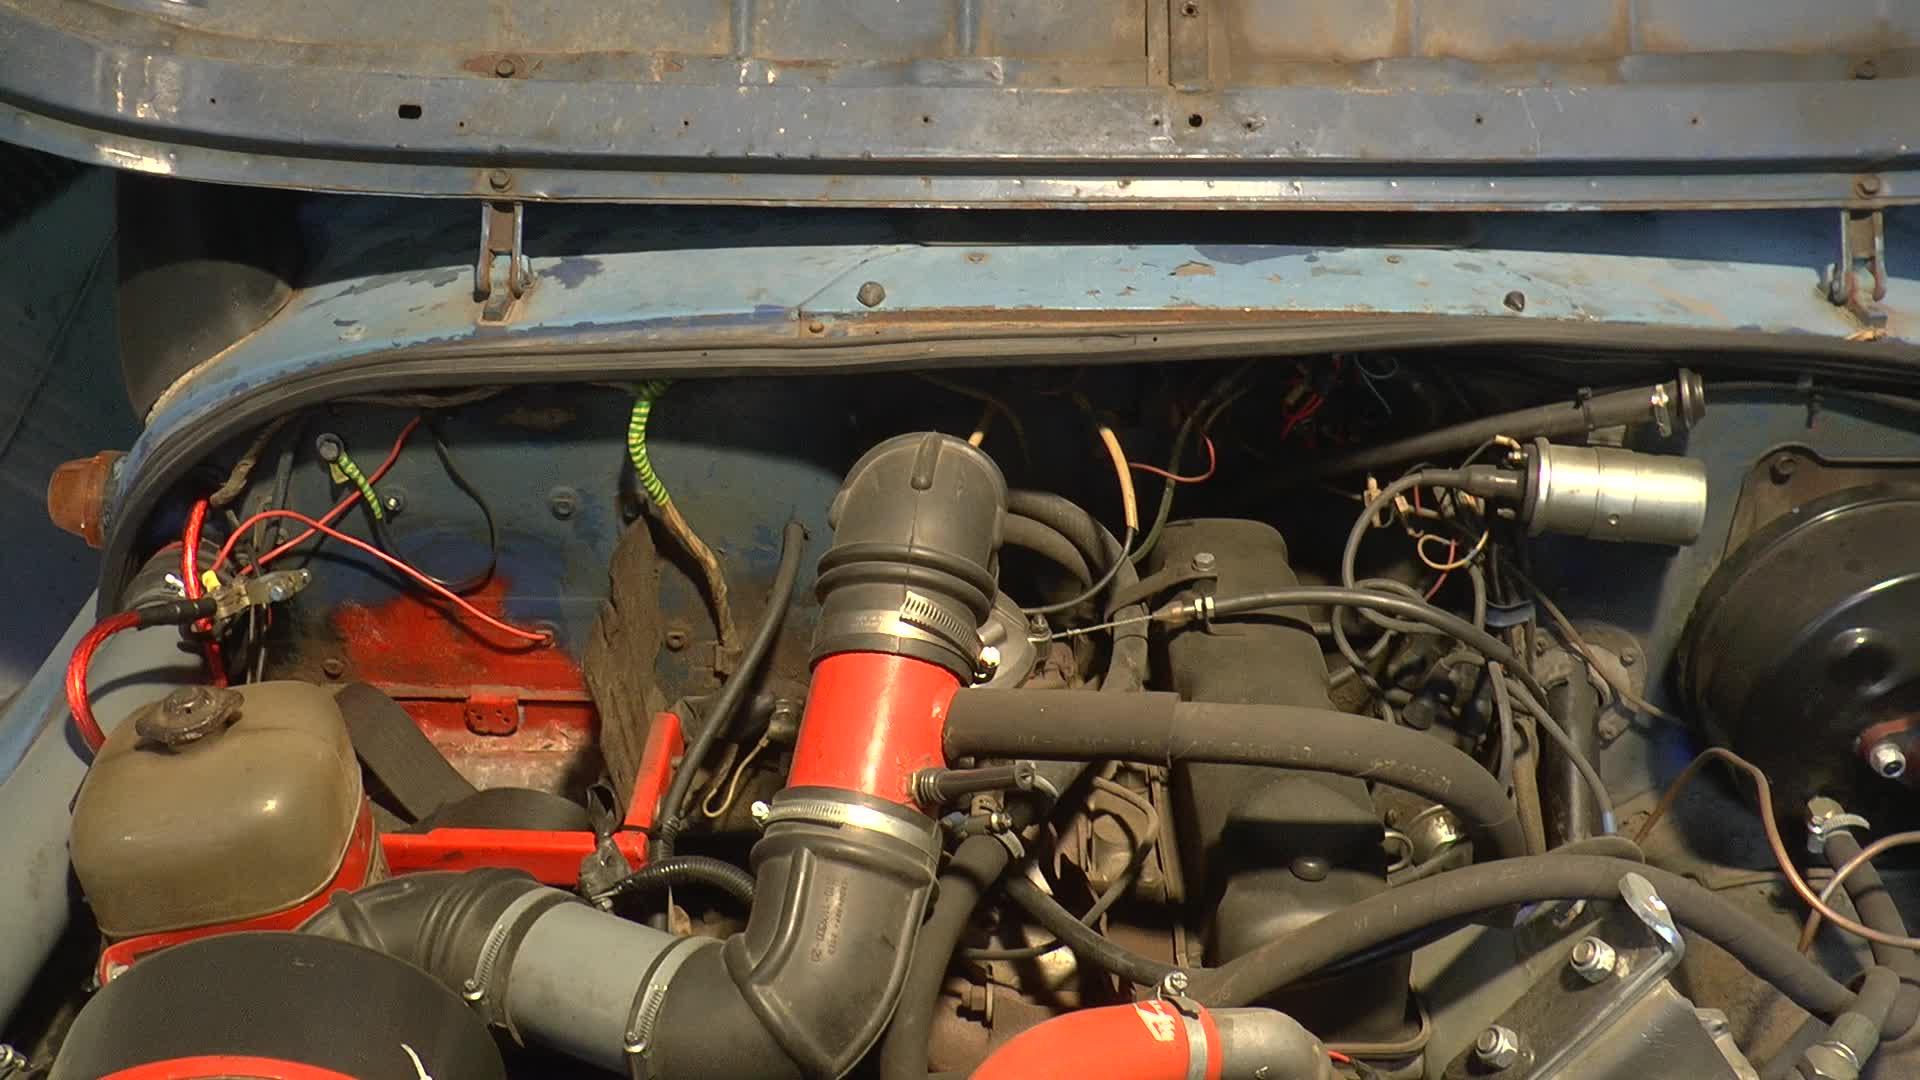 Так было изначально. Куча проводов и бачок радиатора, вместо которого я буду ставить разводную коробку.